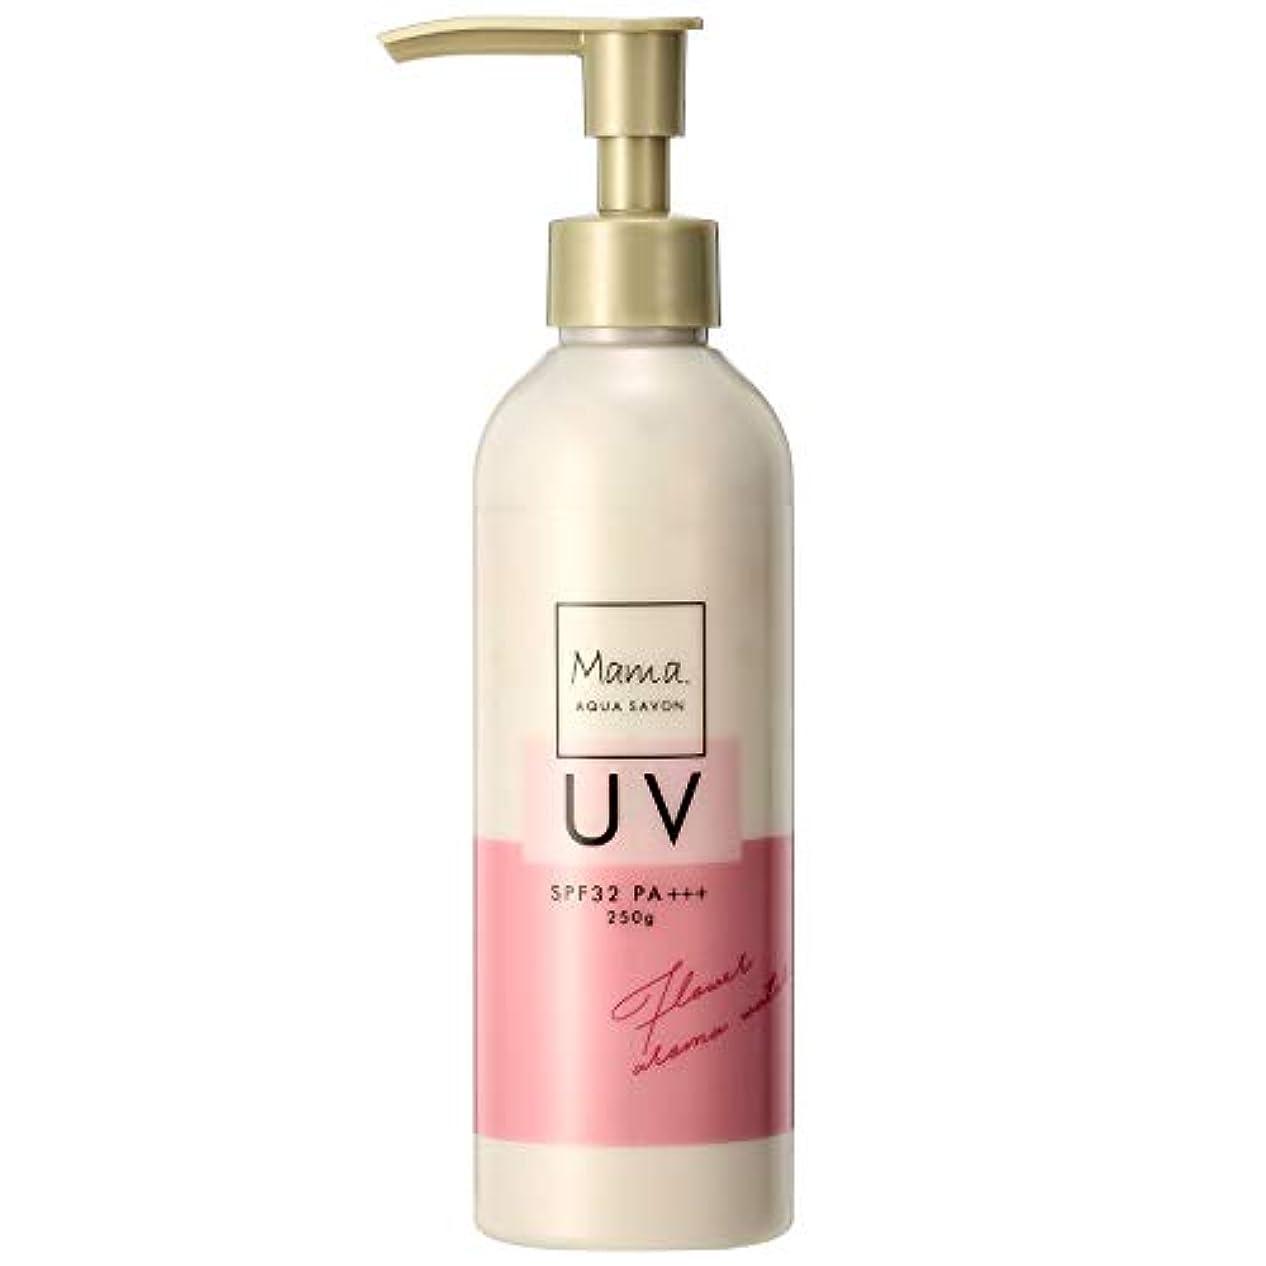 試み貧困露ママアクアシャボン UVモイストジェル フラワーアロマウォーターの香り 19S 250g